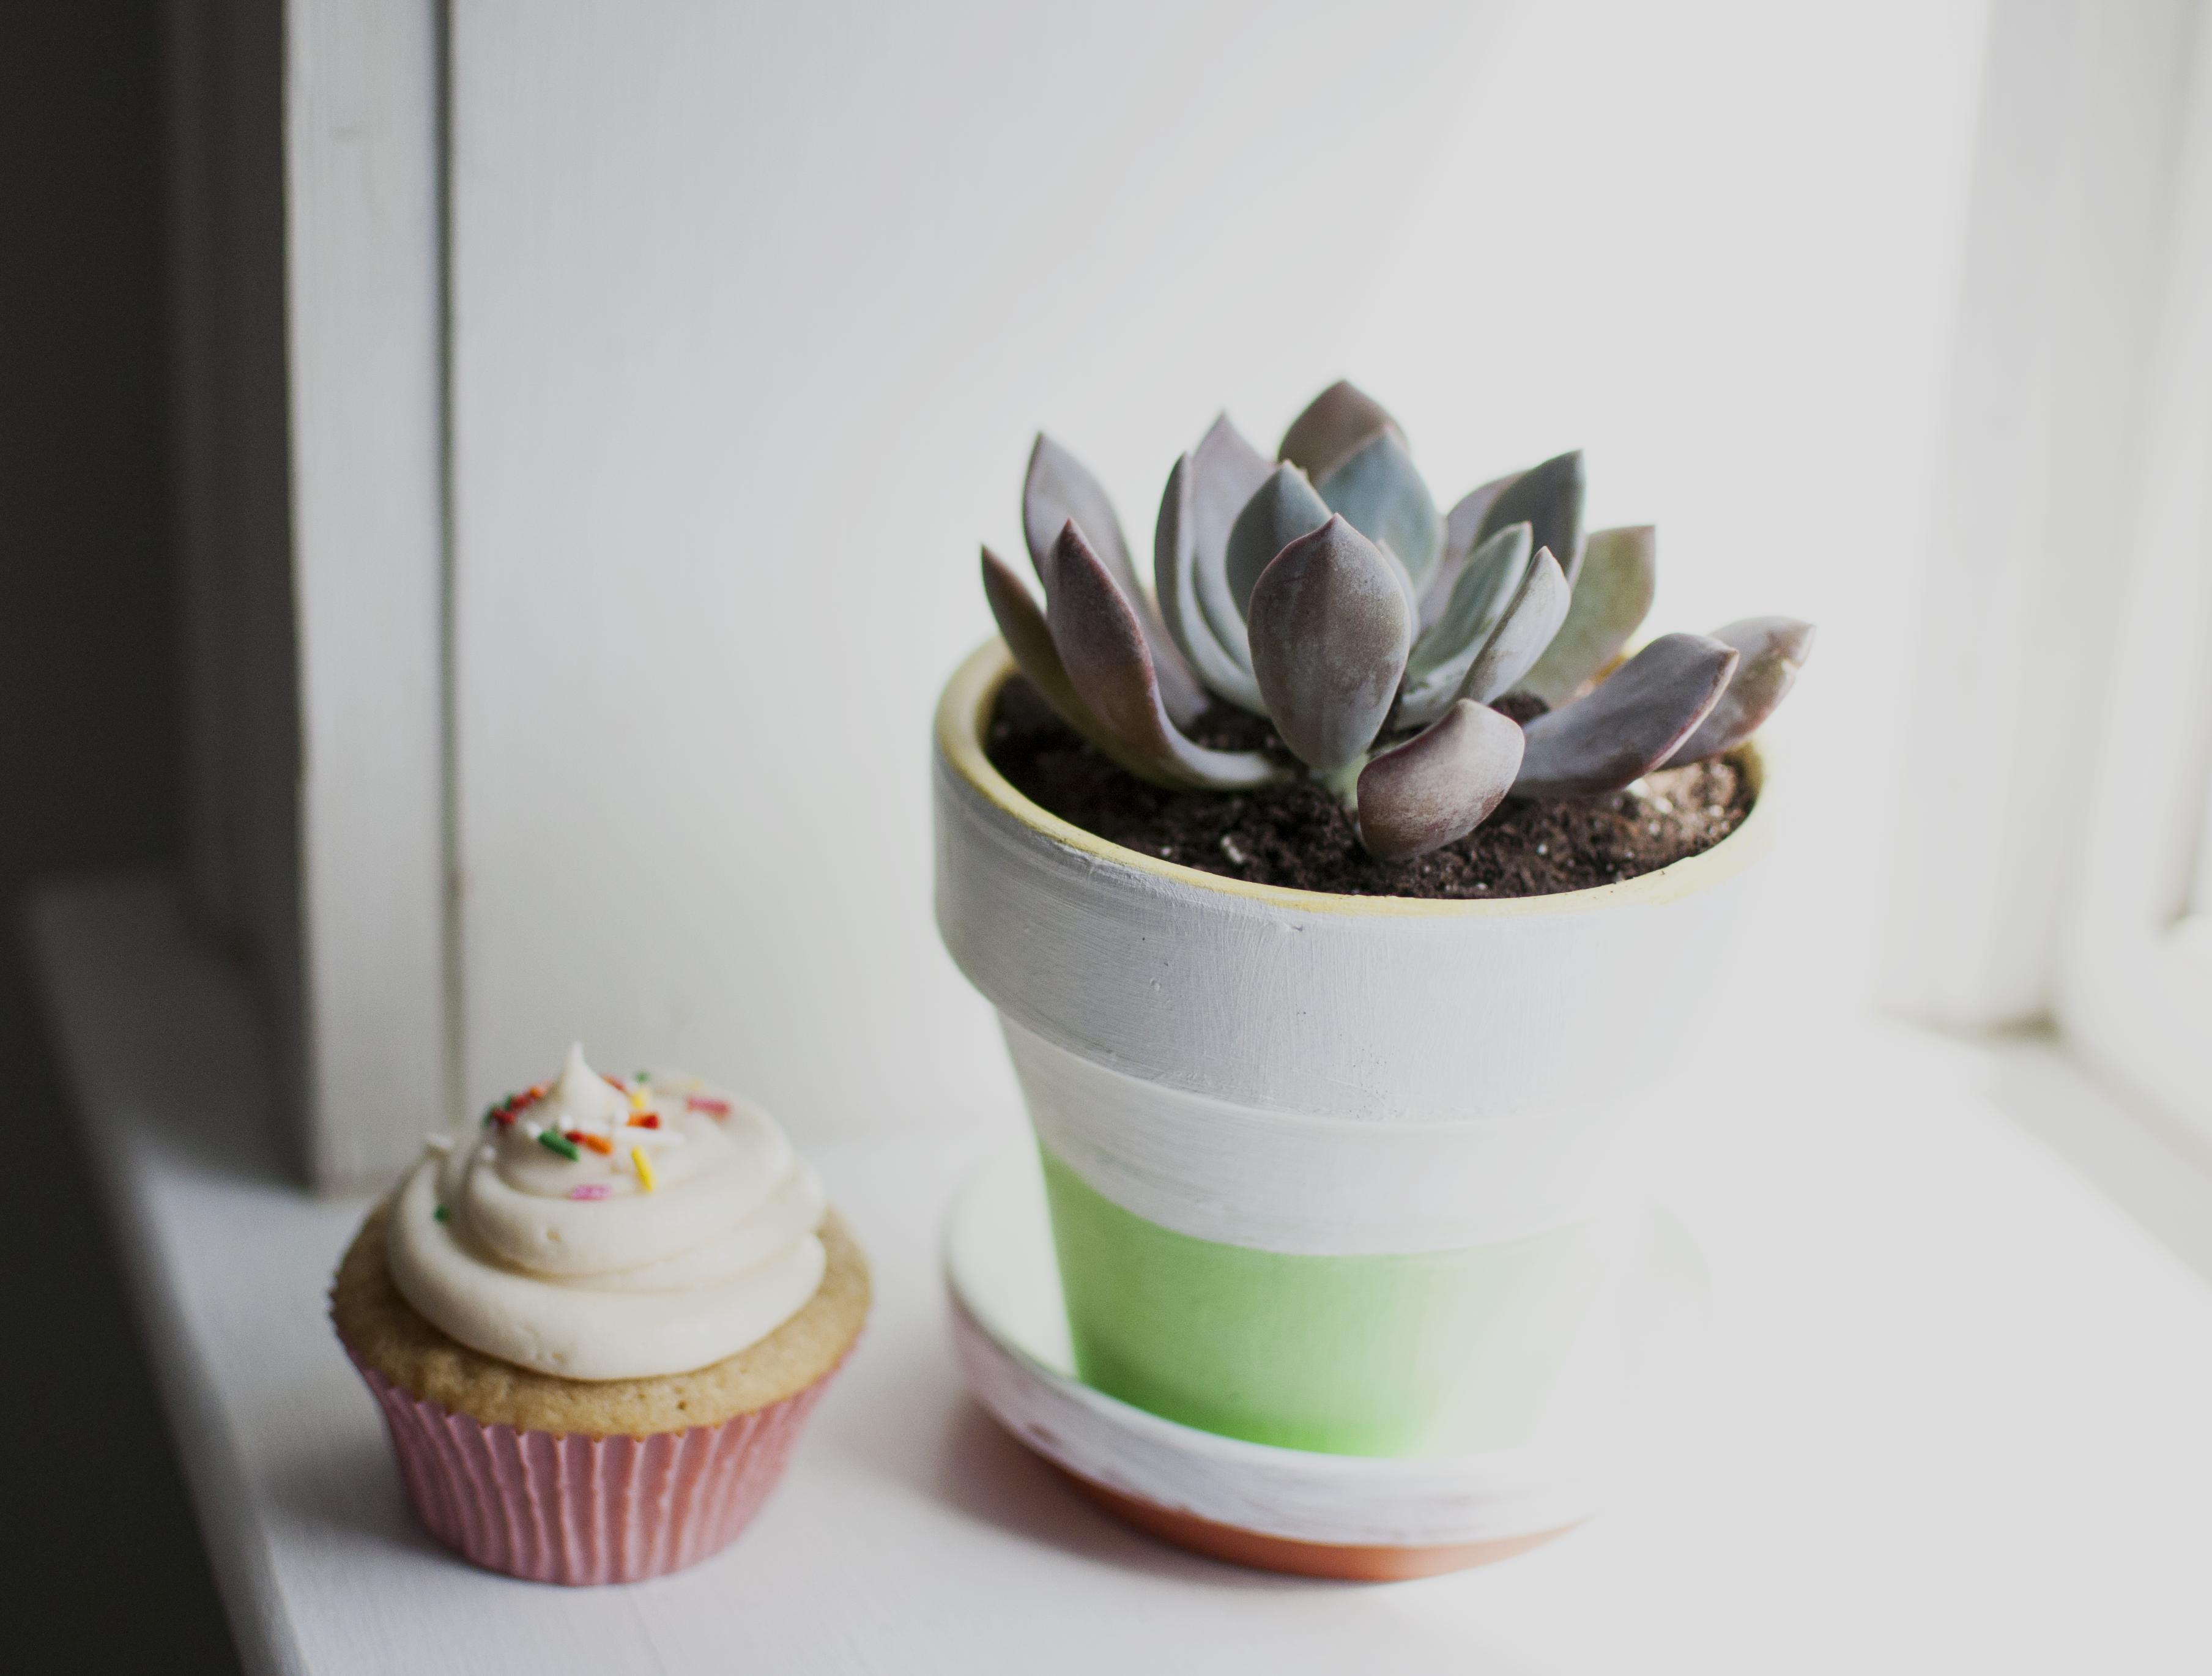 cupcakeandplant